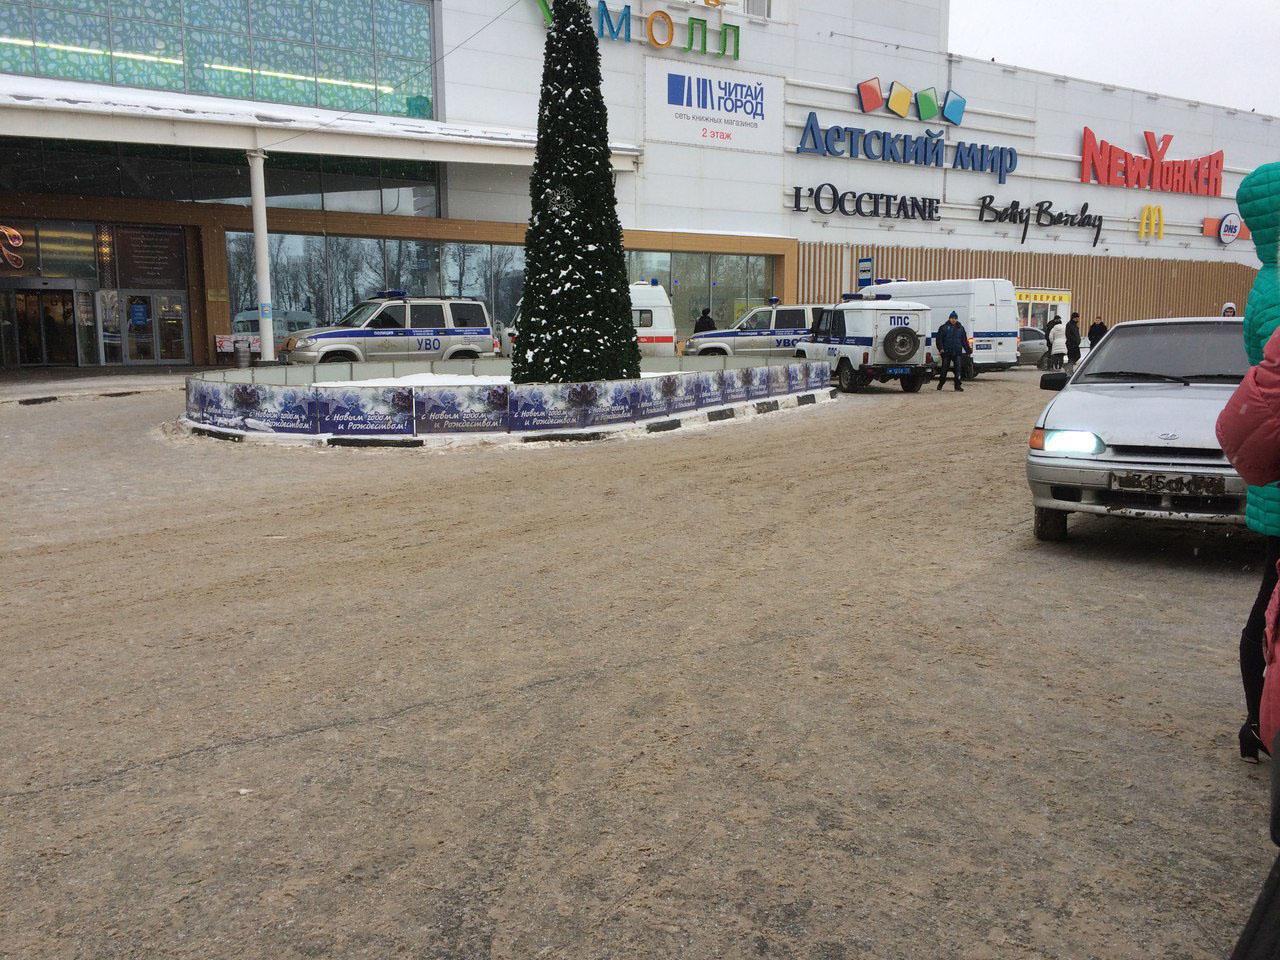 ВУльяновске из«Аквамолла» эвакуировали 1500 человек